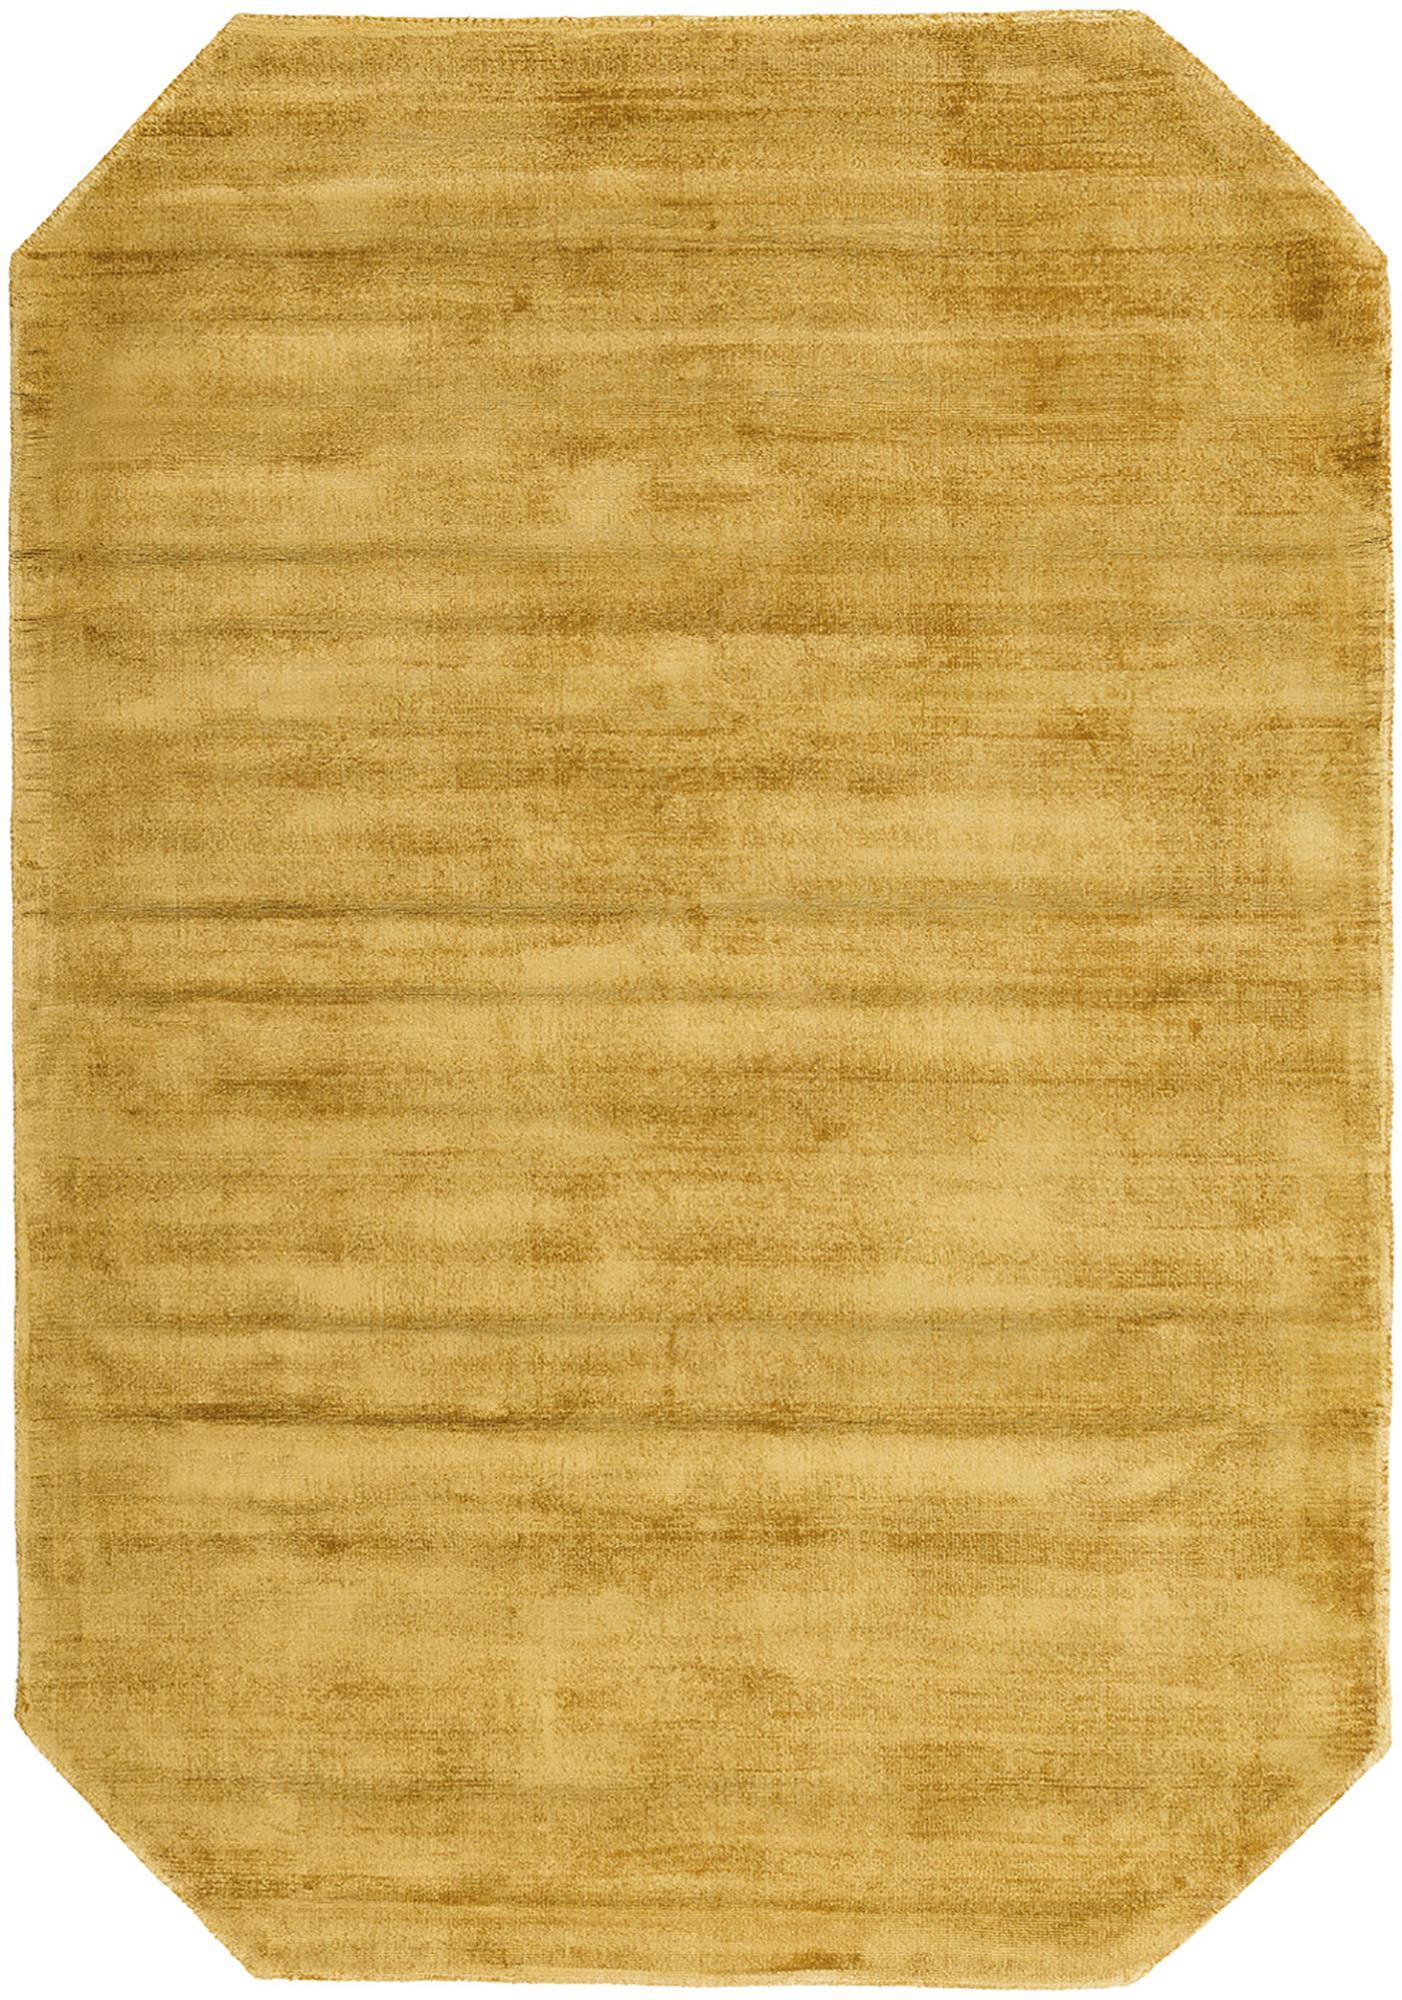 Viscose vloerkleed Jane Diamond, Bovenzijde: 100% viscose, Onderzijde: 100% katoen, Mosterdgeel, 120 x 180 cm